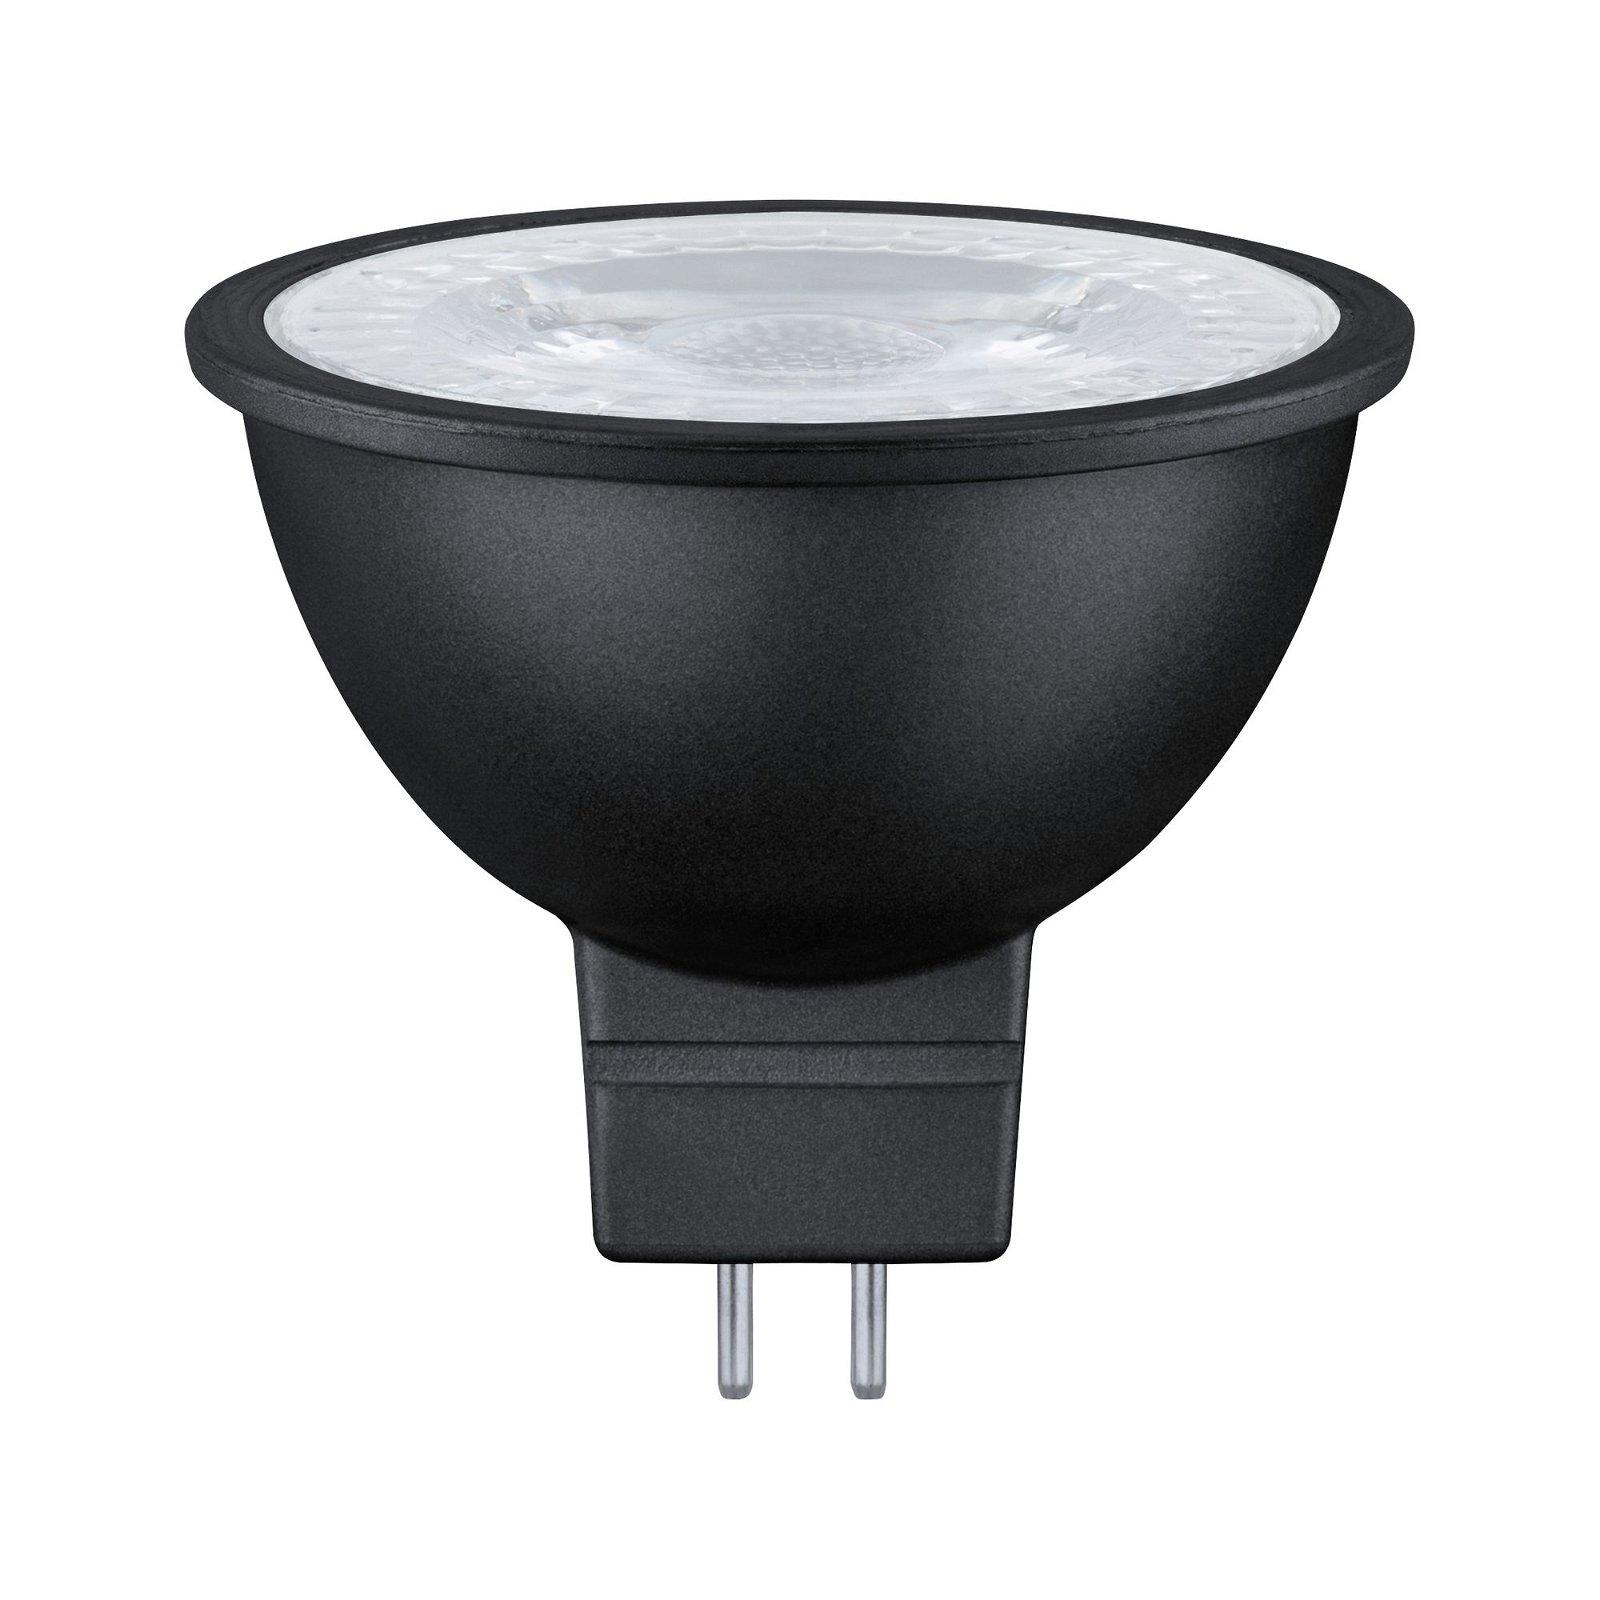 Réflecteur LED GU5,3 12V 445lm 6,5W 2700K Noir mat